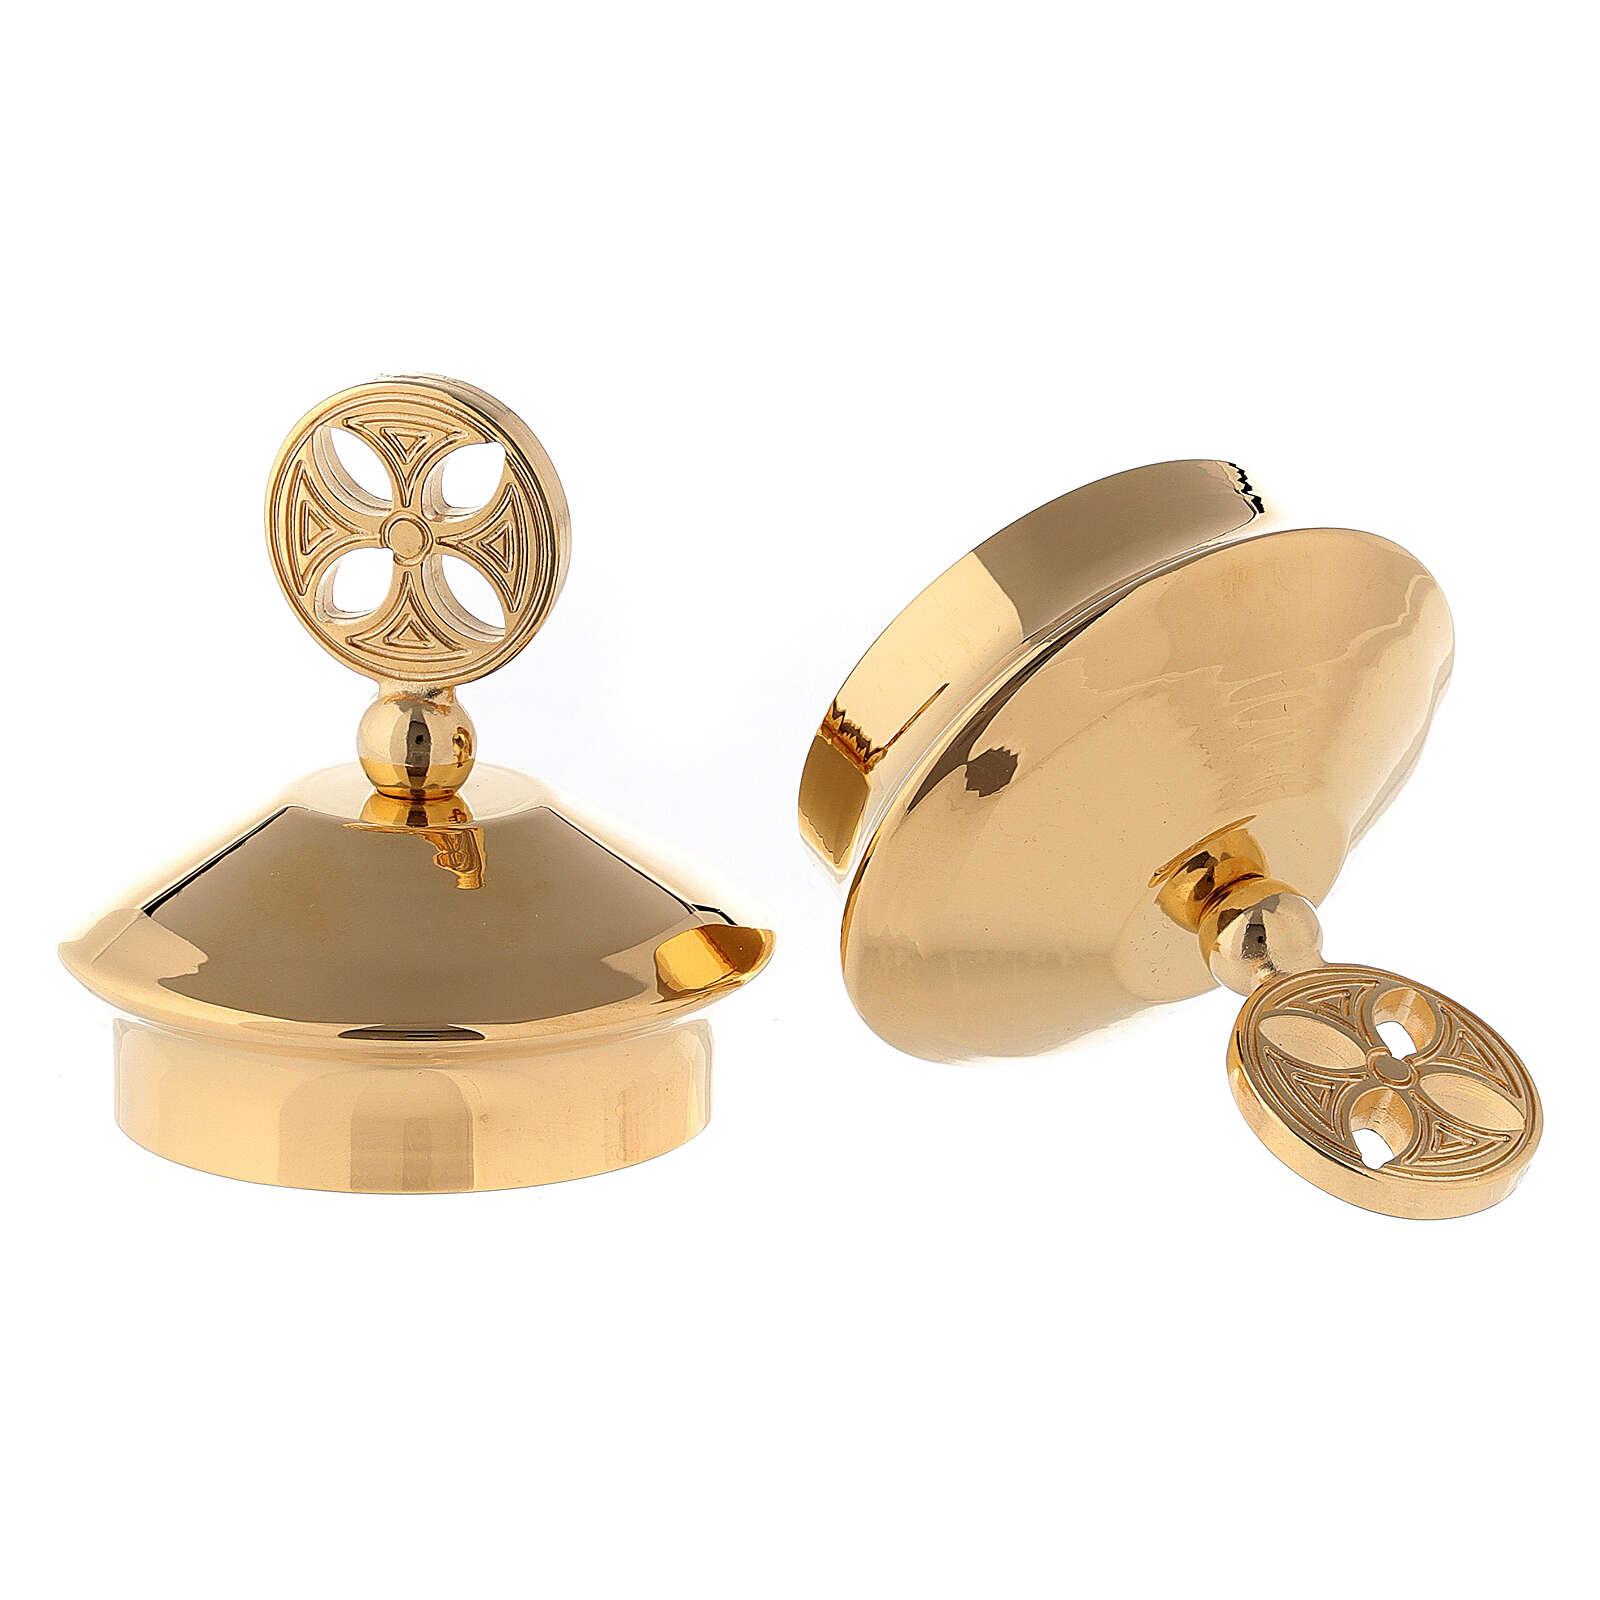 Pareja de tapones vinajeras modelo Fiesole-Como latón dorado 4